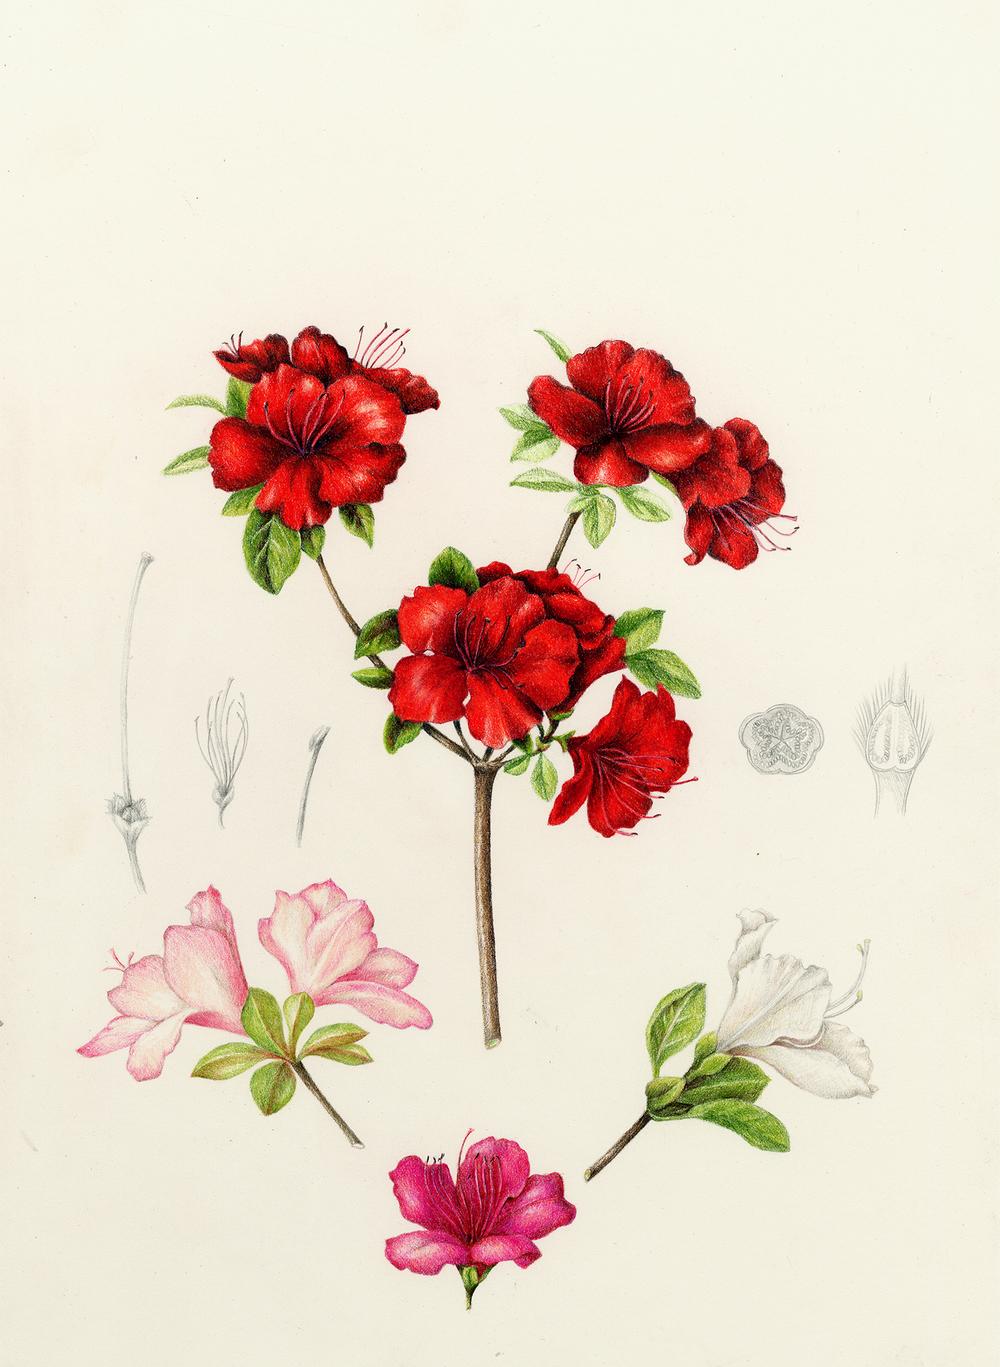 Azalea - Rhododendron